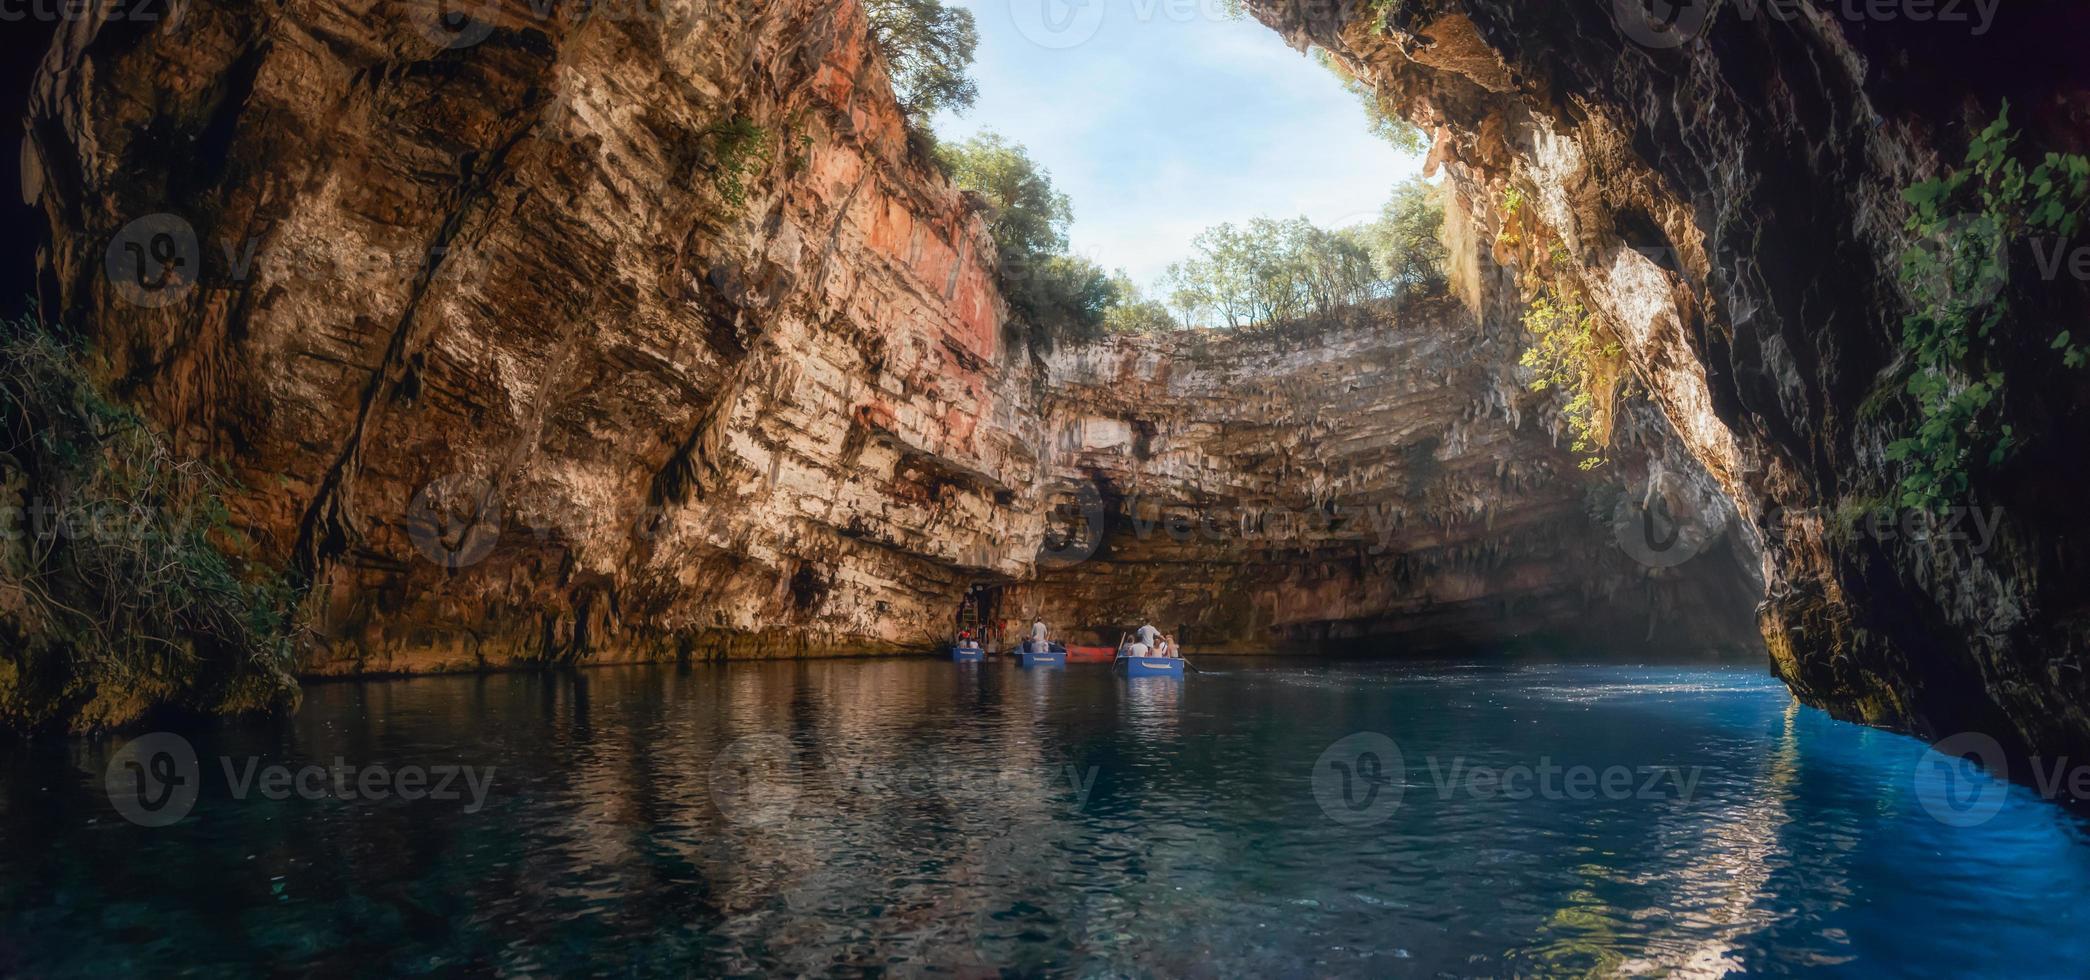 Grotta di Melissani o lago Melissani vicino alla città di Sami sull'isola di Cefalonia, in Grecia. foto panoramica artistica colorata. concetto di turismo.